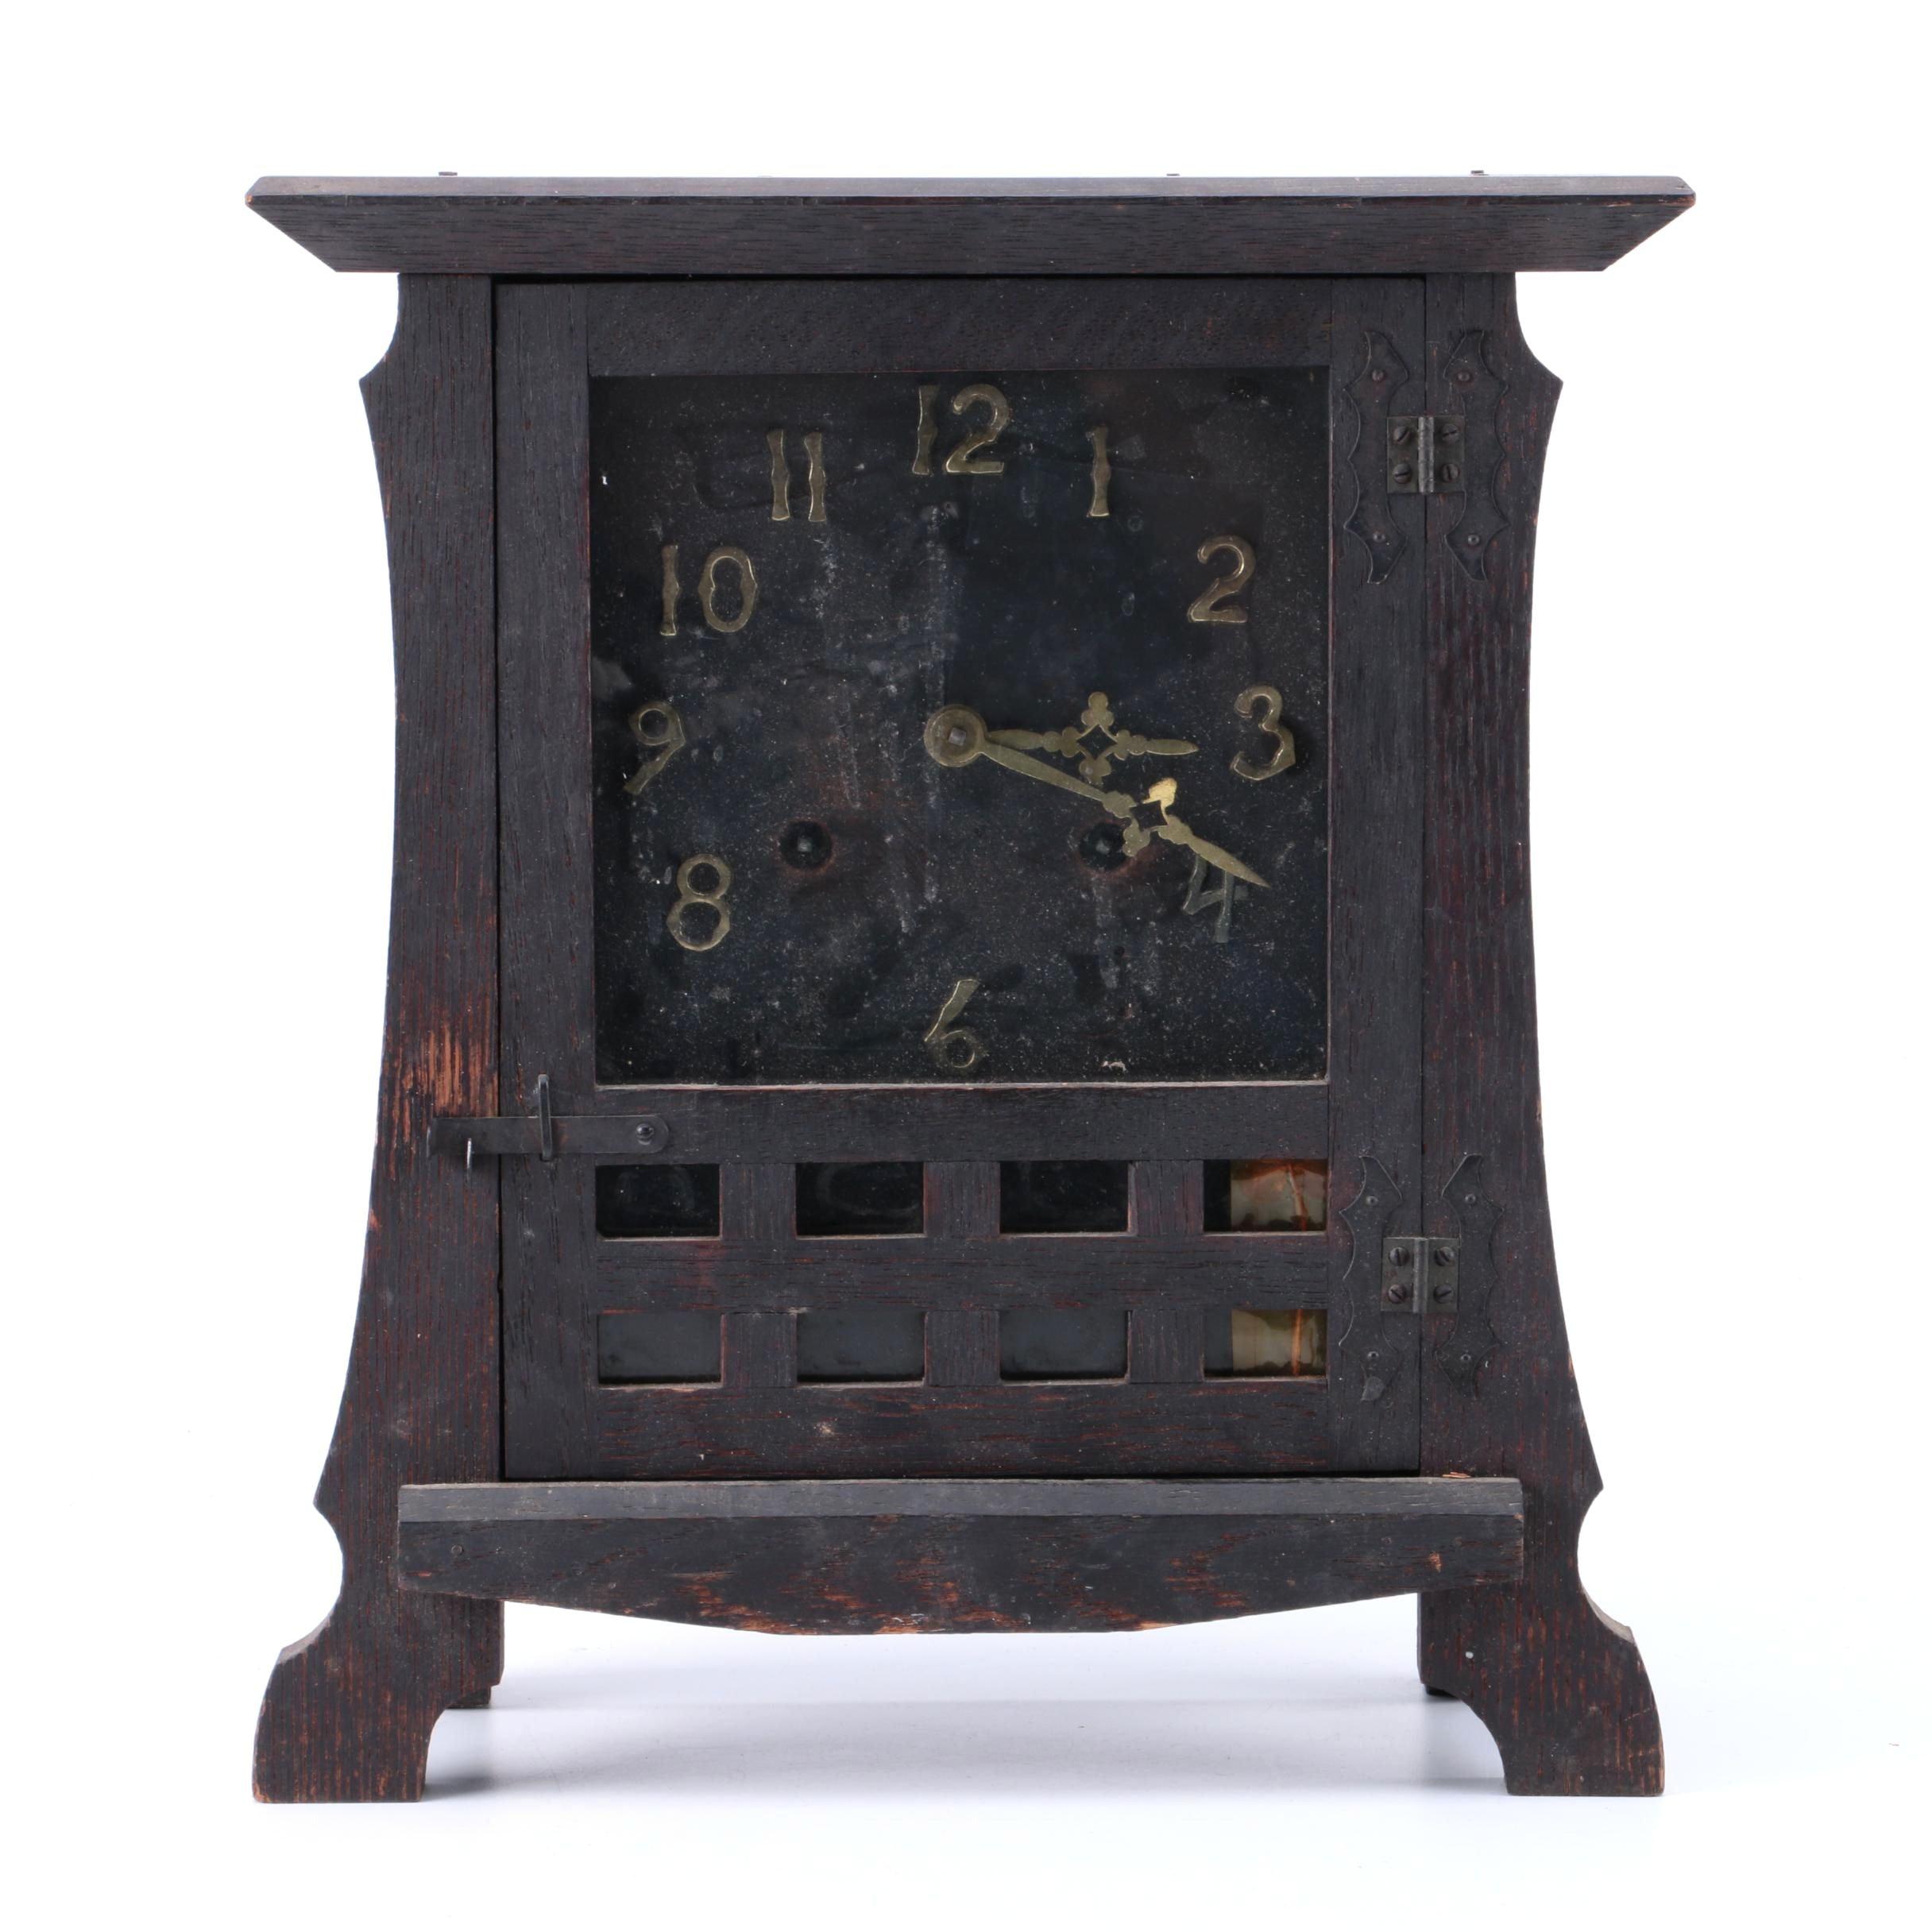 New Haven Clock Co. Wooden Mantel Clock